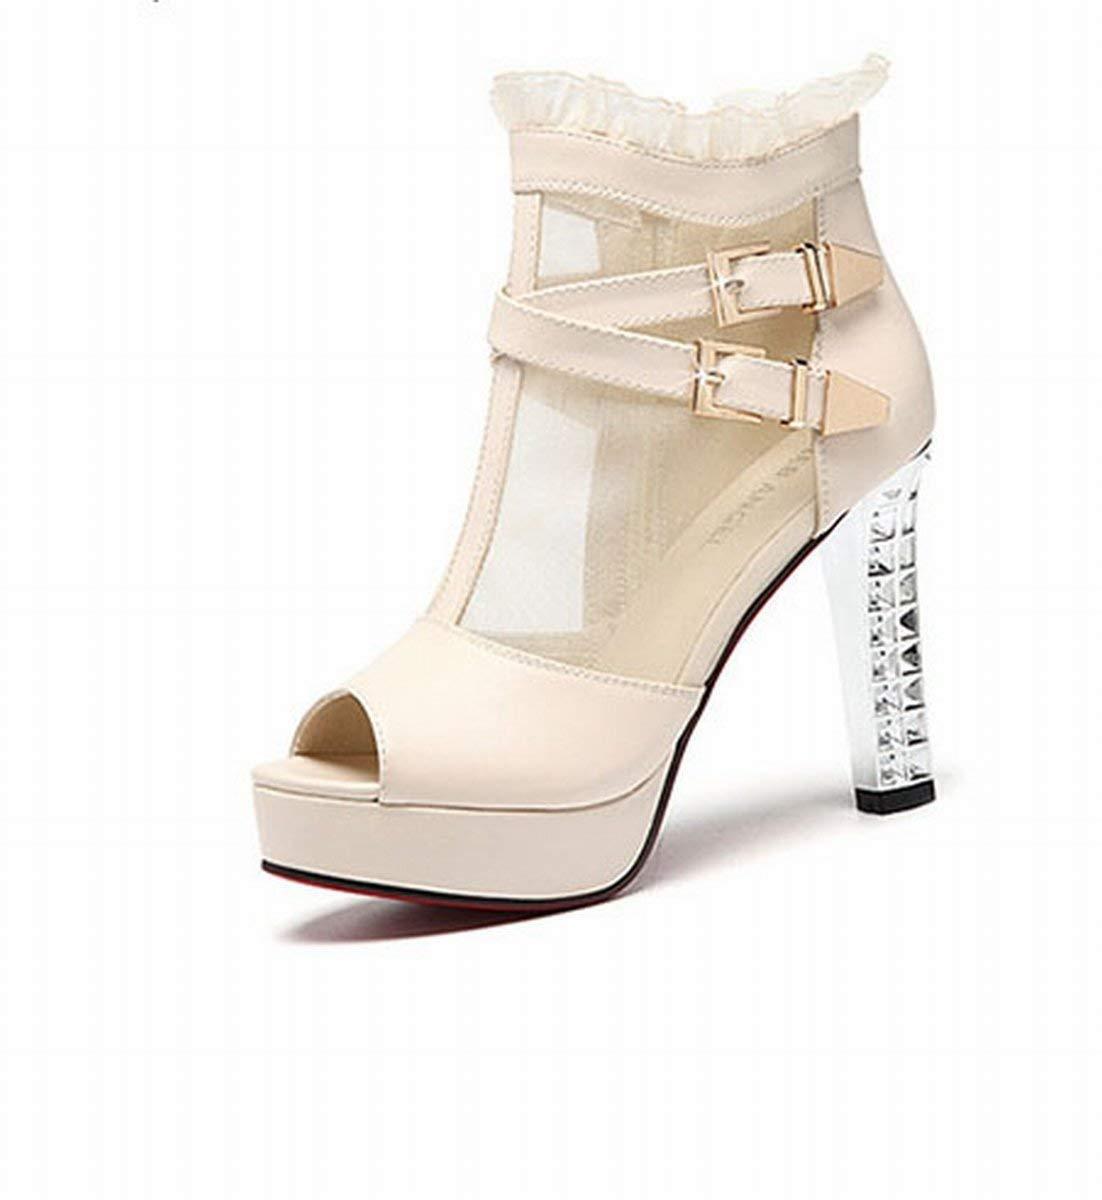 Oudan Roma mit Die Sandalen der Herr high-Heeled Aufsatz von Fisch Schuhe Schuhe Martin (Farbe   Beige, Größe   35)